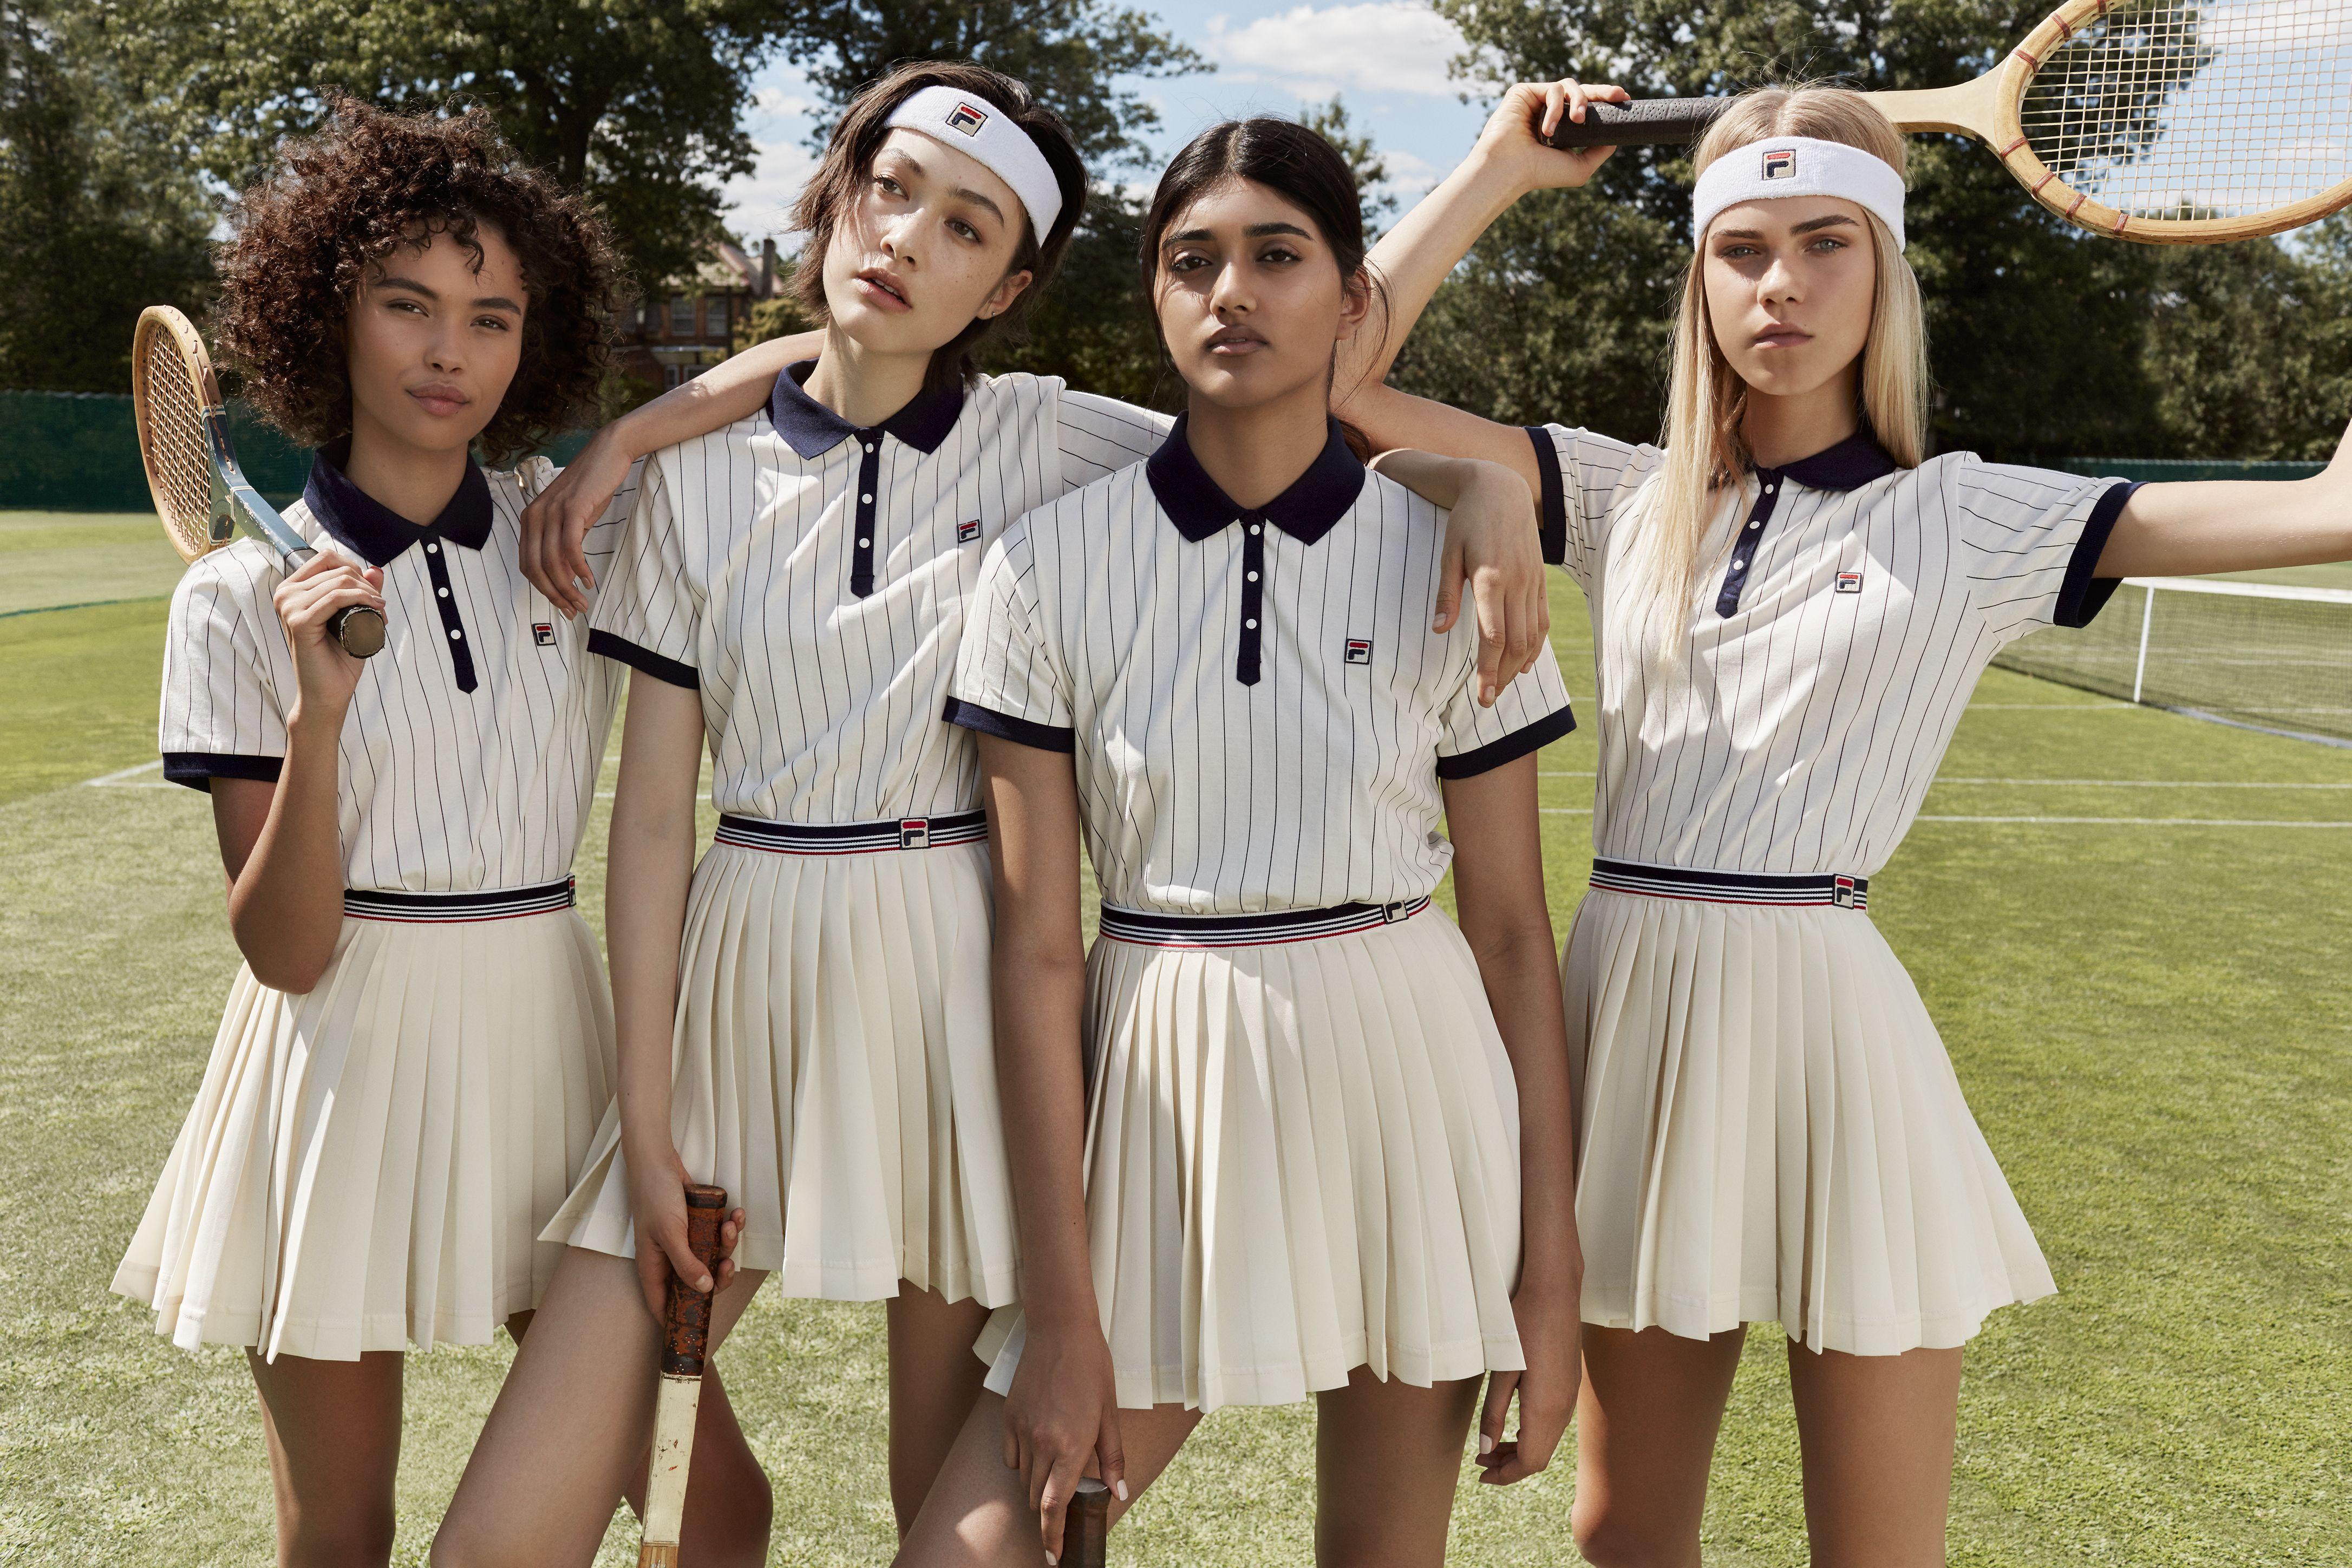 FILA + UO Tennis fashion, Urban fashion, Fashion